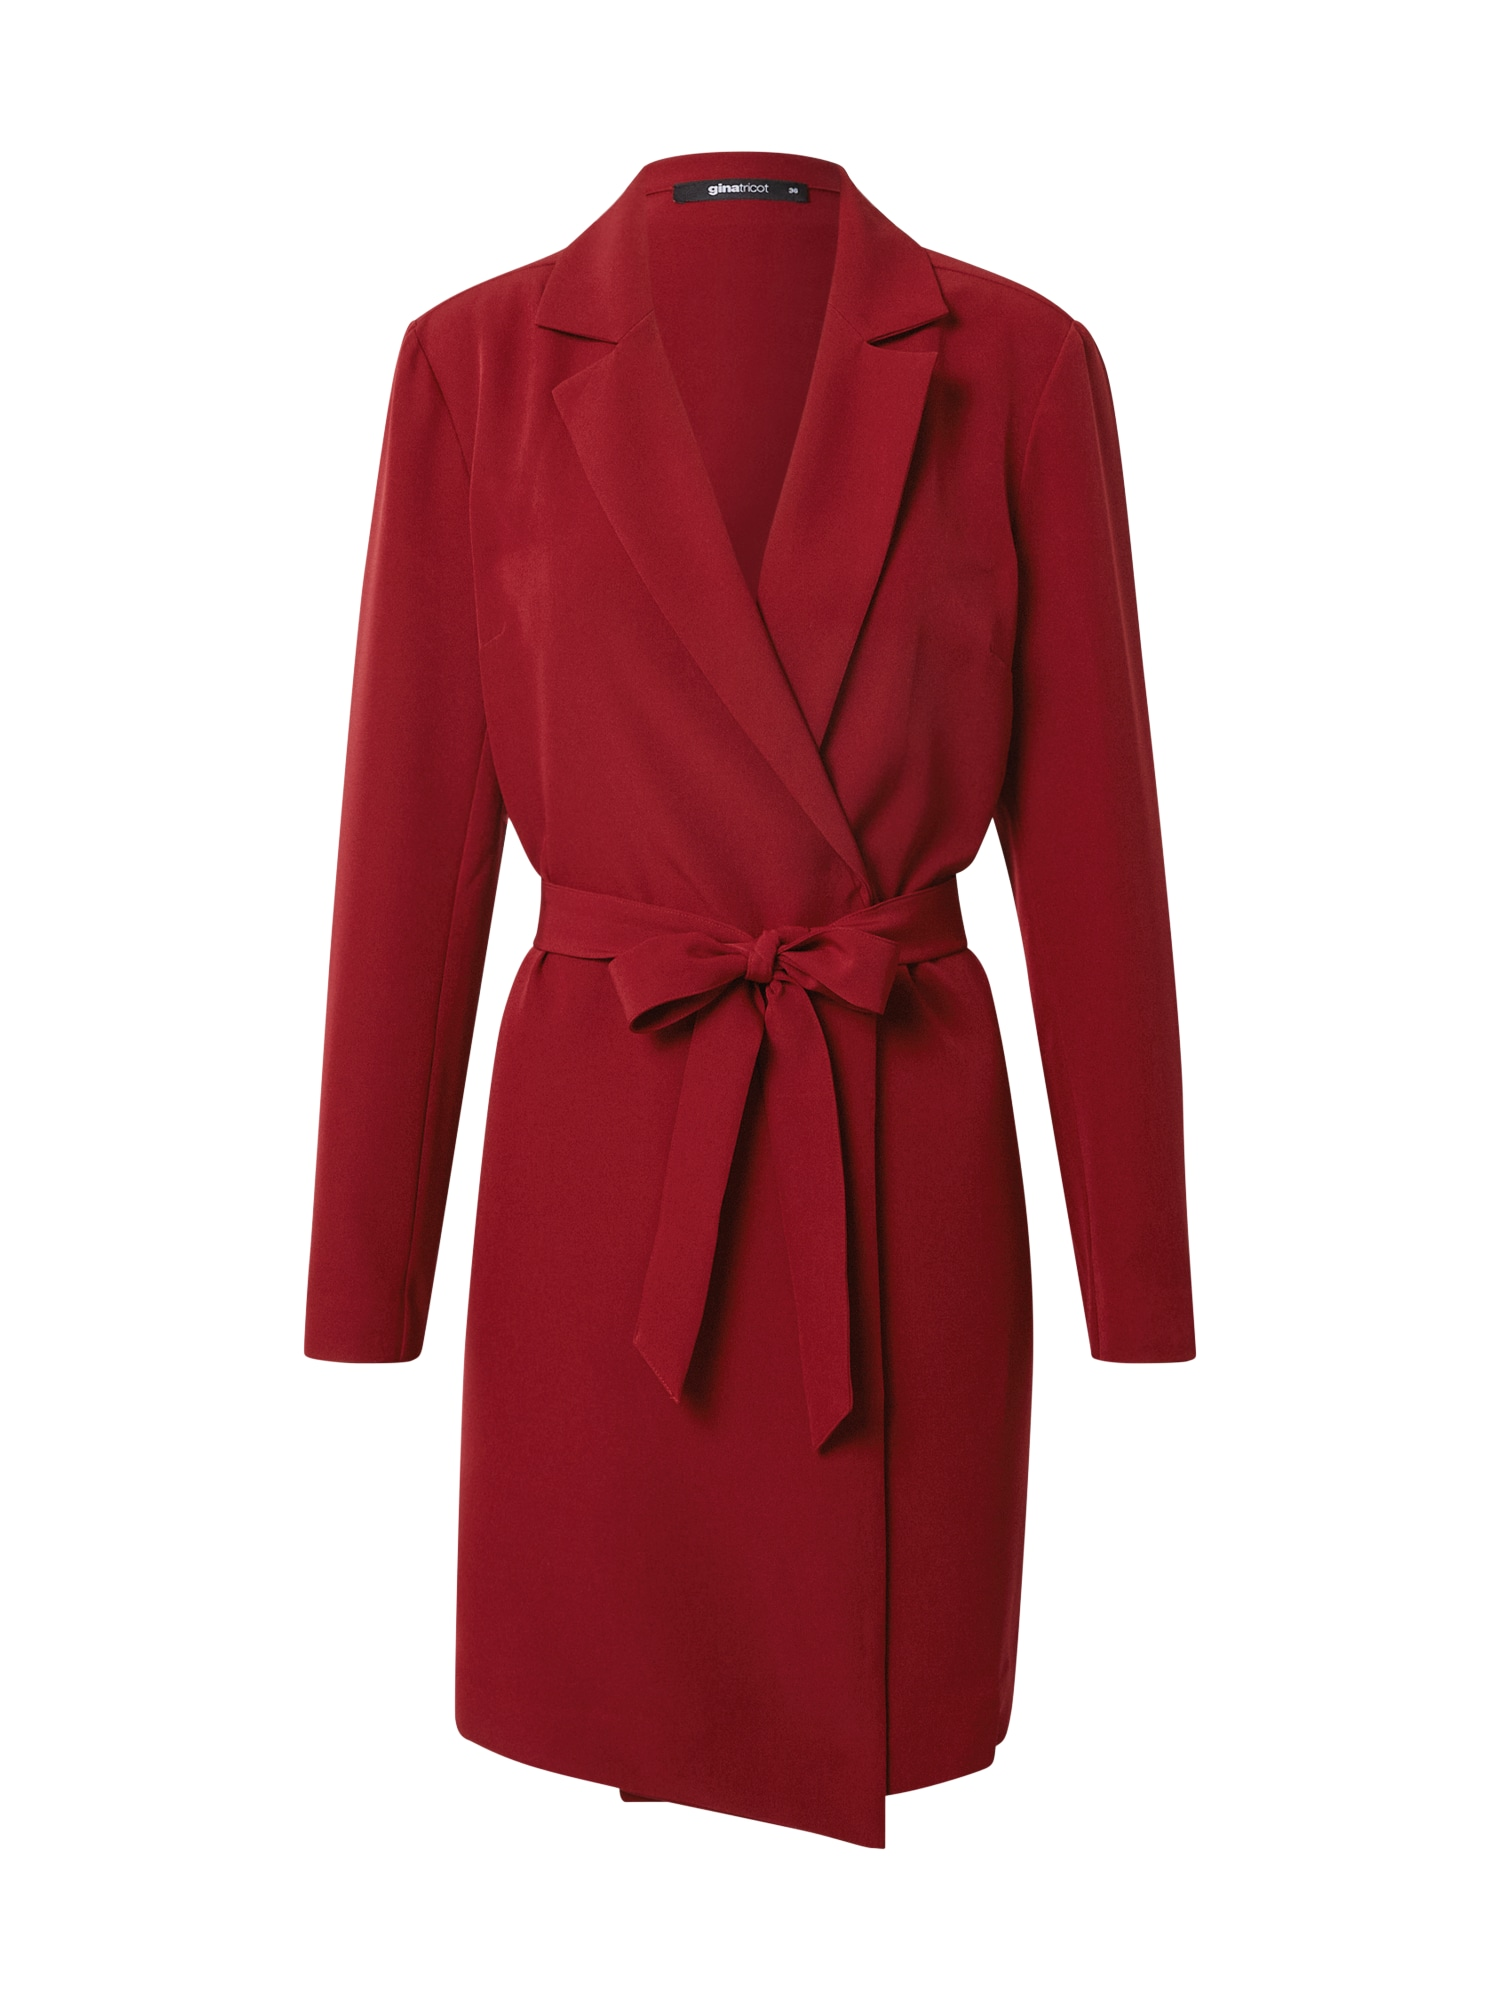 Gina Tricot Suknelė 'Vanessa' raudona